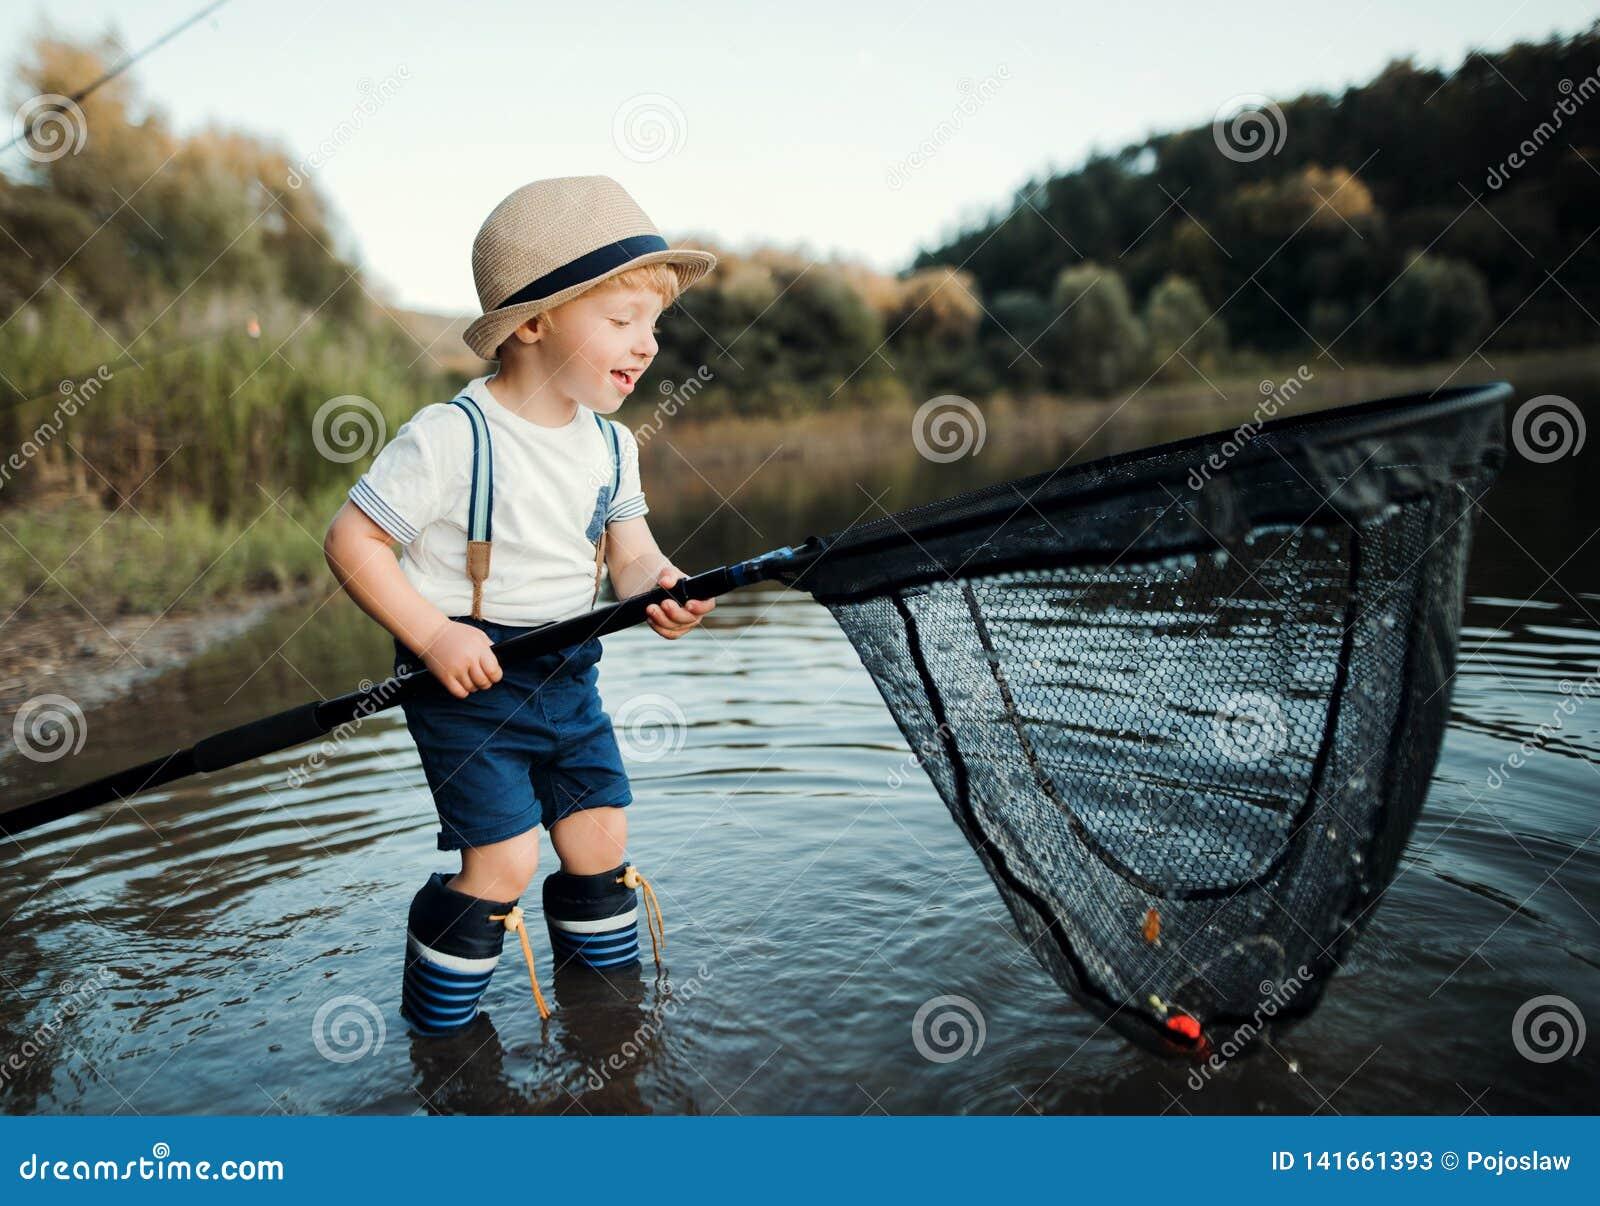 Небольшое положение мальчика малыша в воде и удержание сети озером, удя